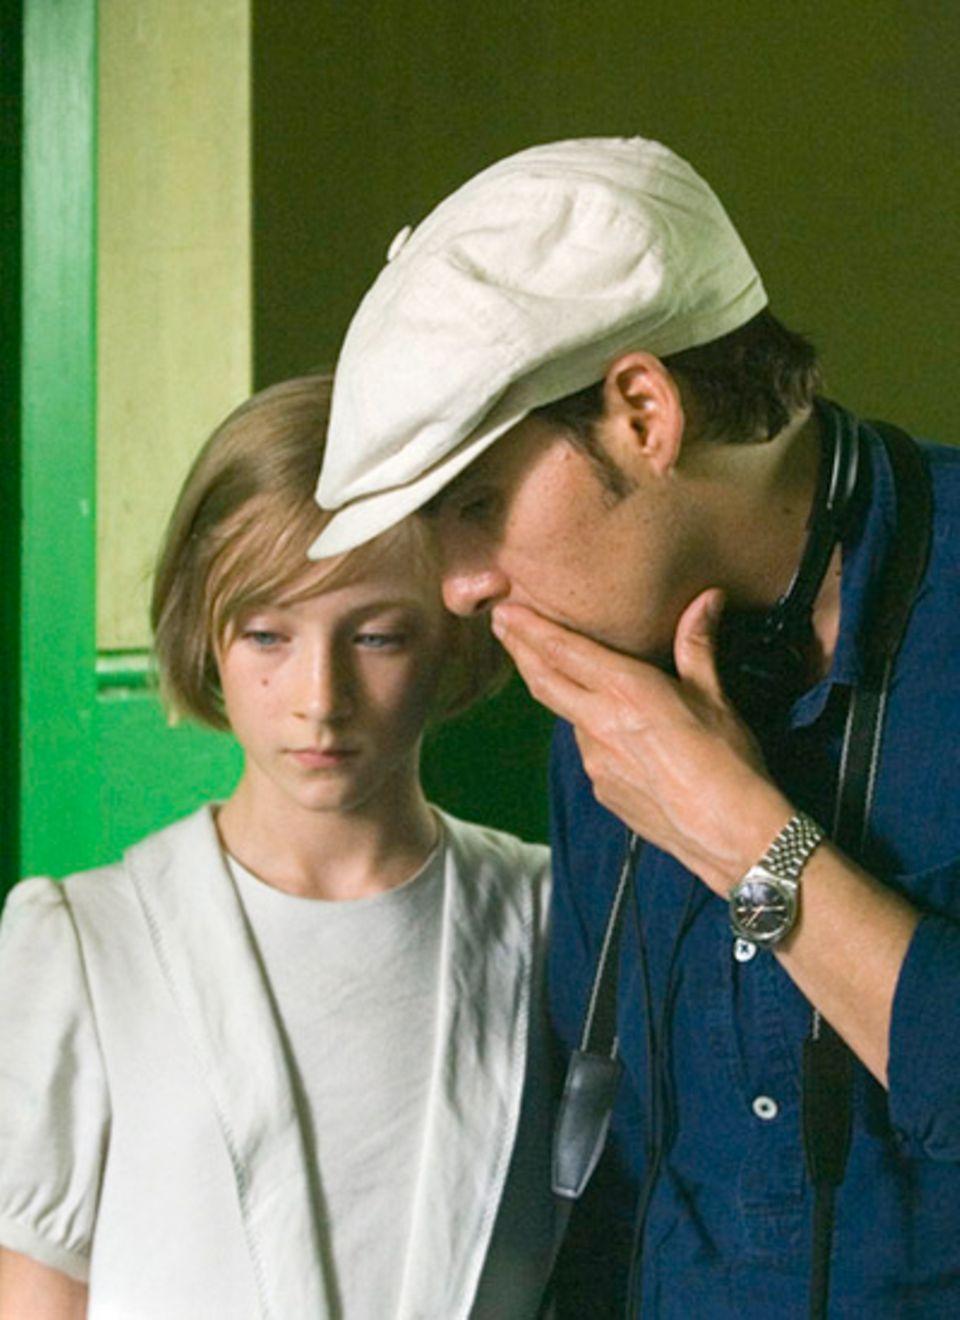 Letzte Anweisungen für Saoirse Ronan, Darstellerin der jugendlichen Briony, von Regisseur Joe Wright